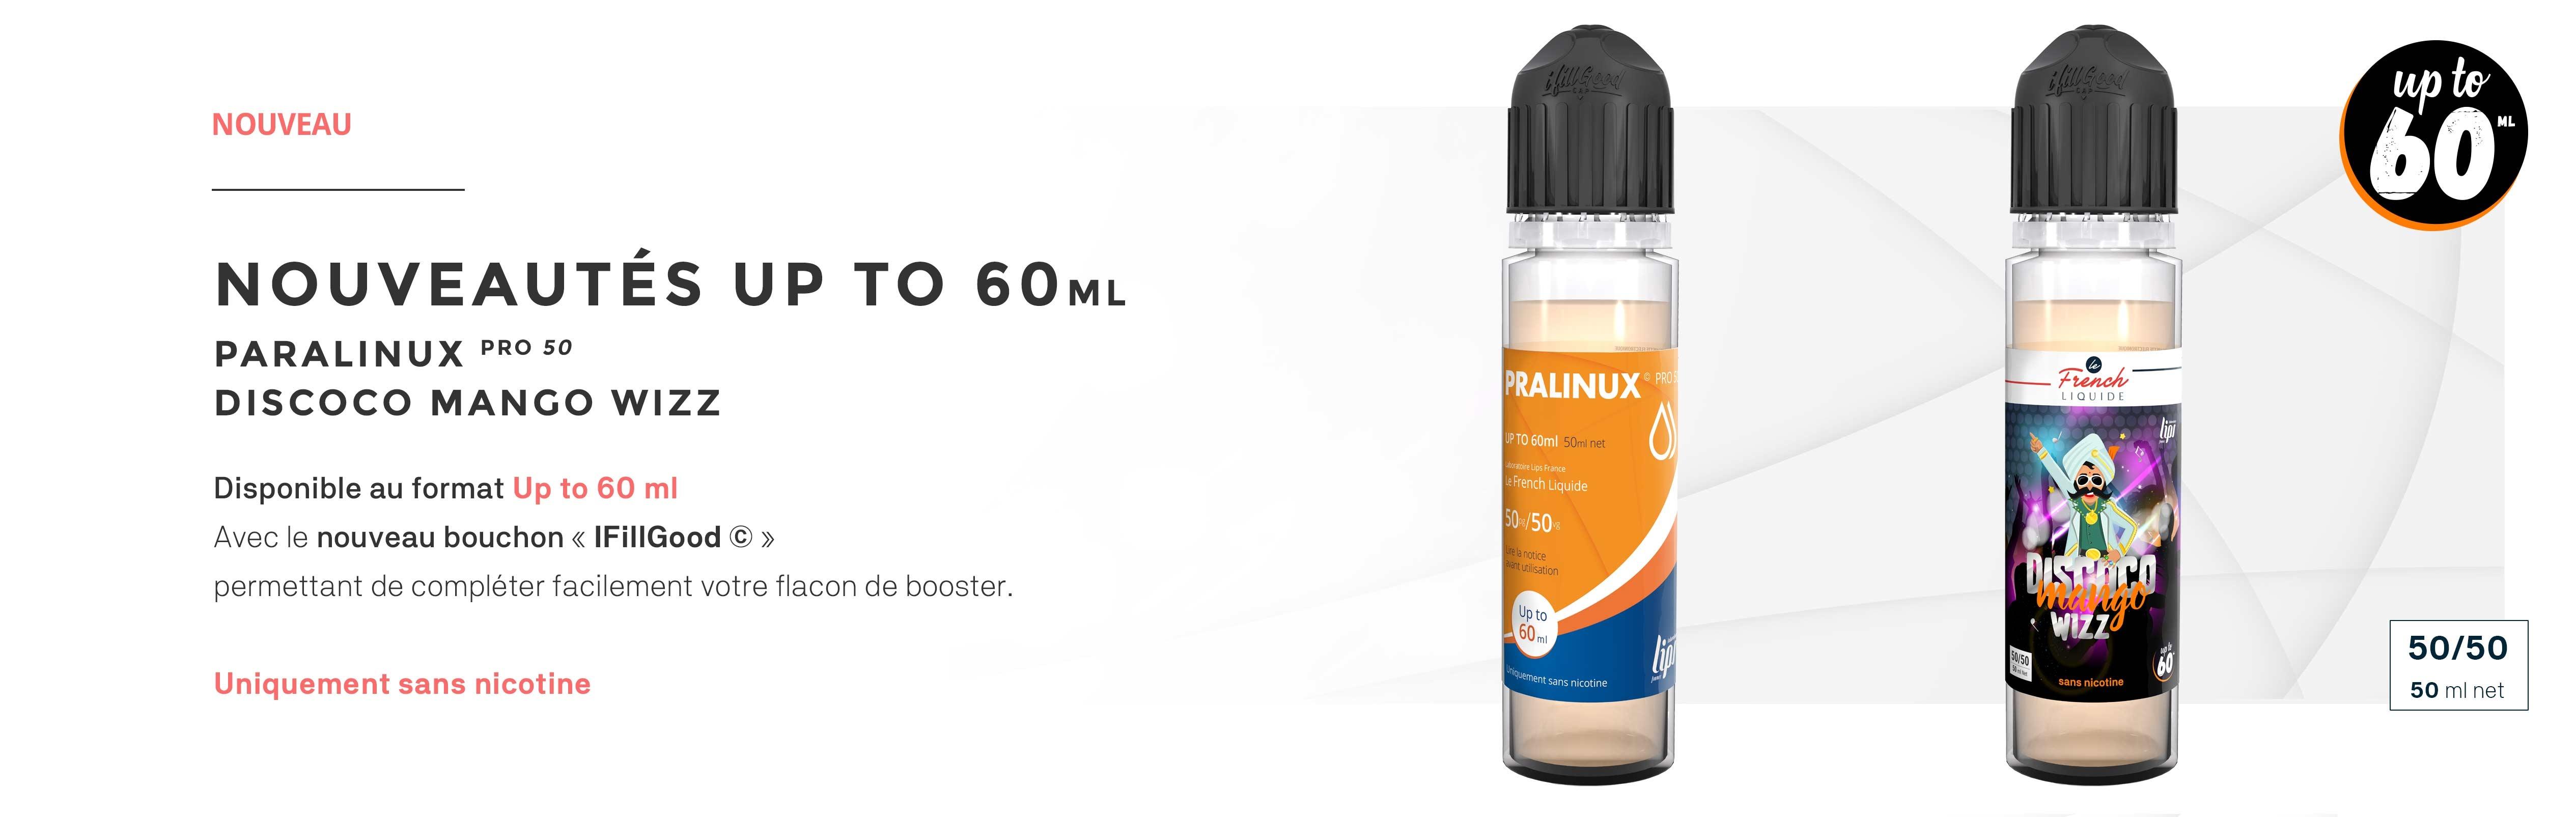 Pralinux Pro 50 - Discoco Mango Wizz